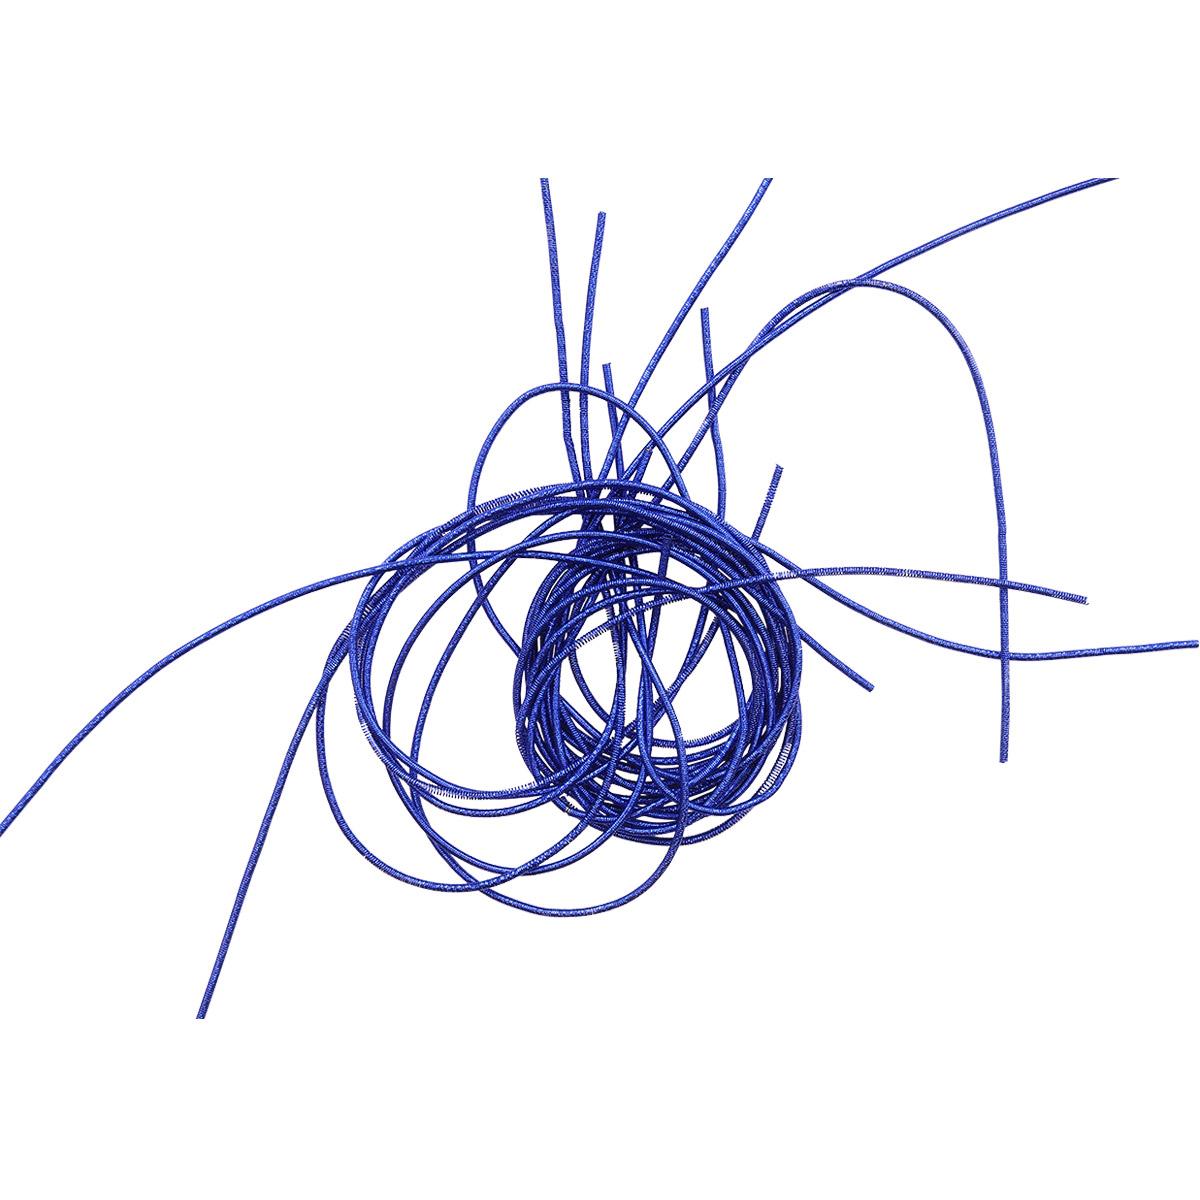 КЯ007НН1 Канитель металлизированная Синий 1 мм 5 гр. +/- 0,1 гр.